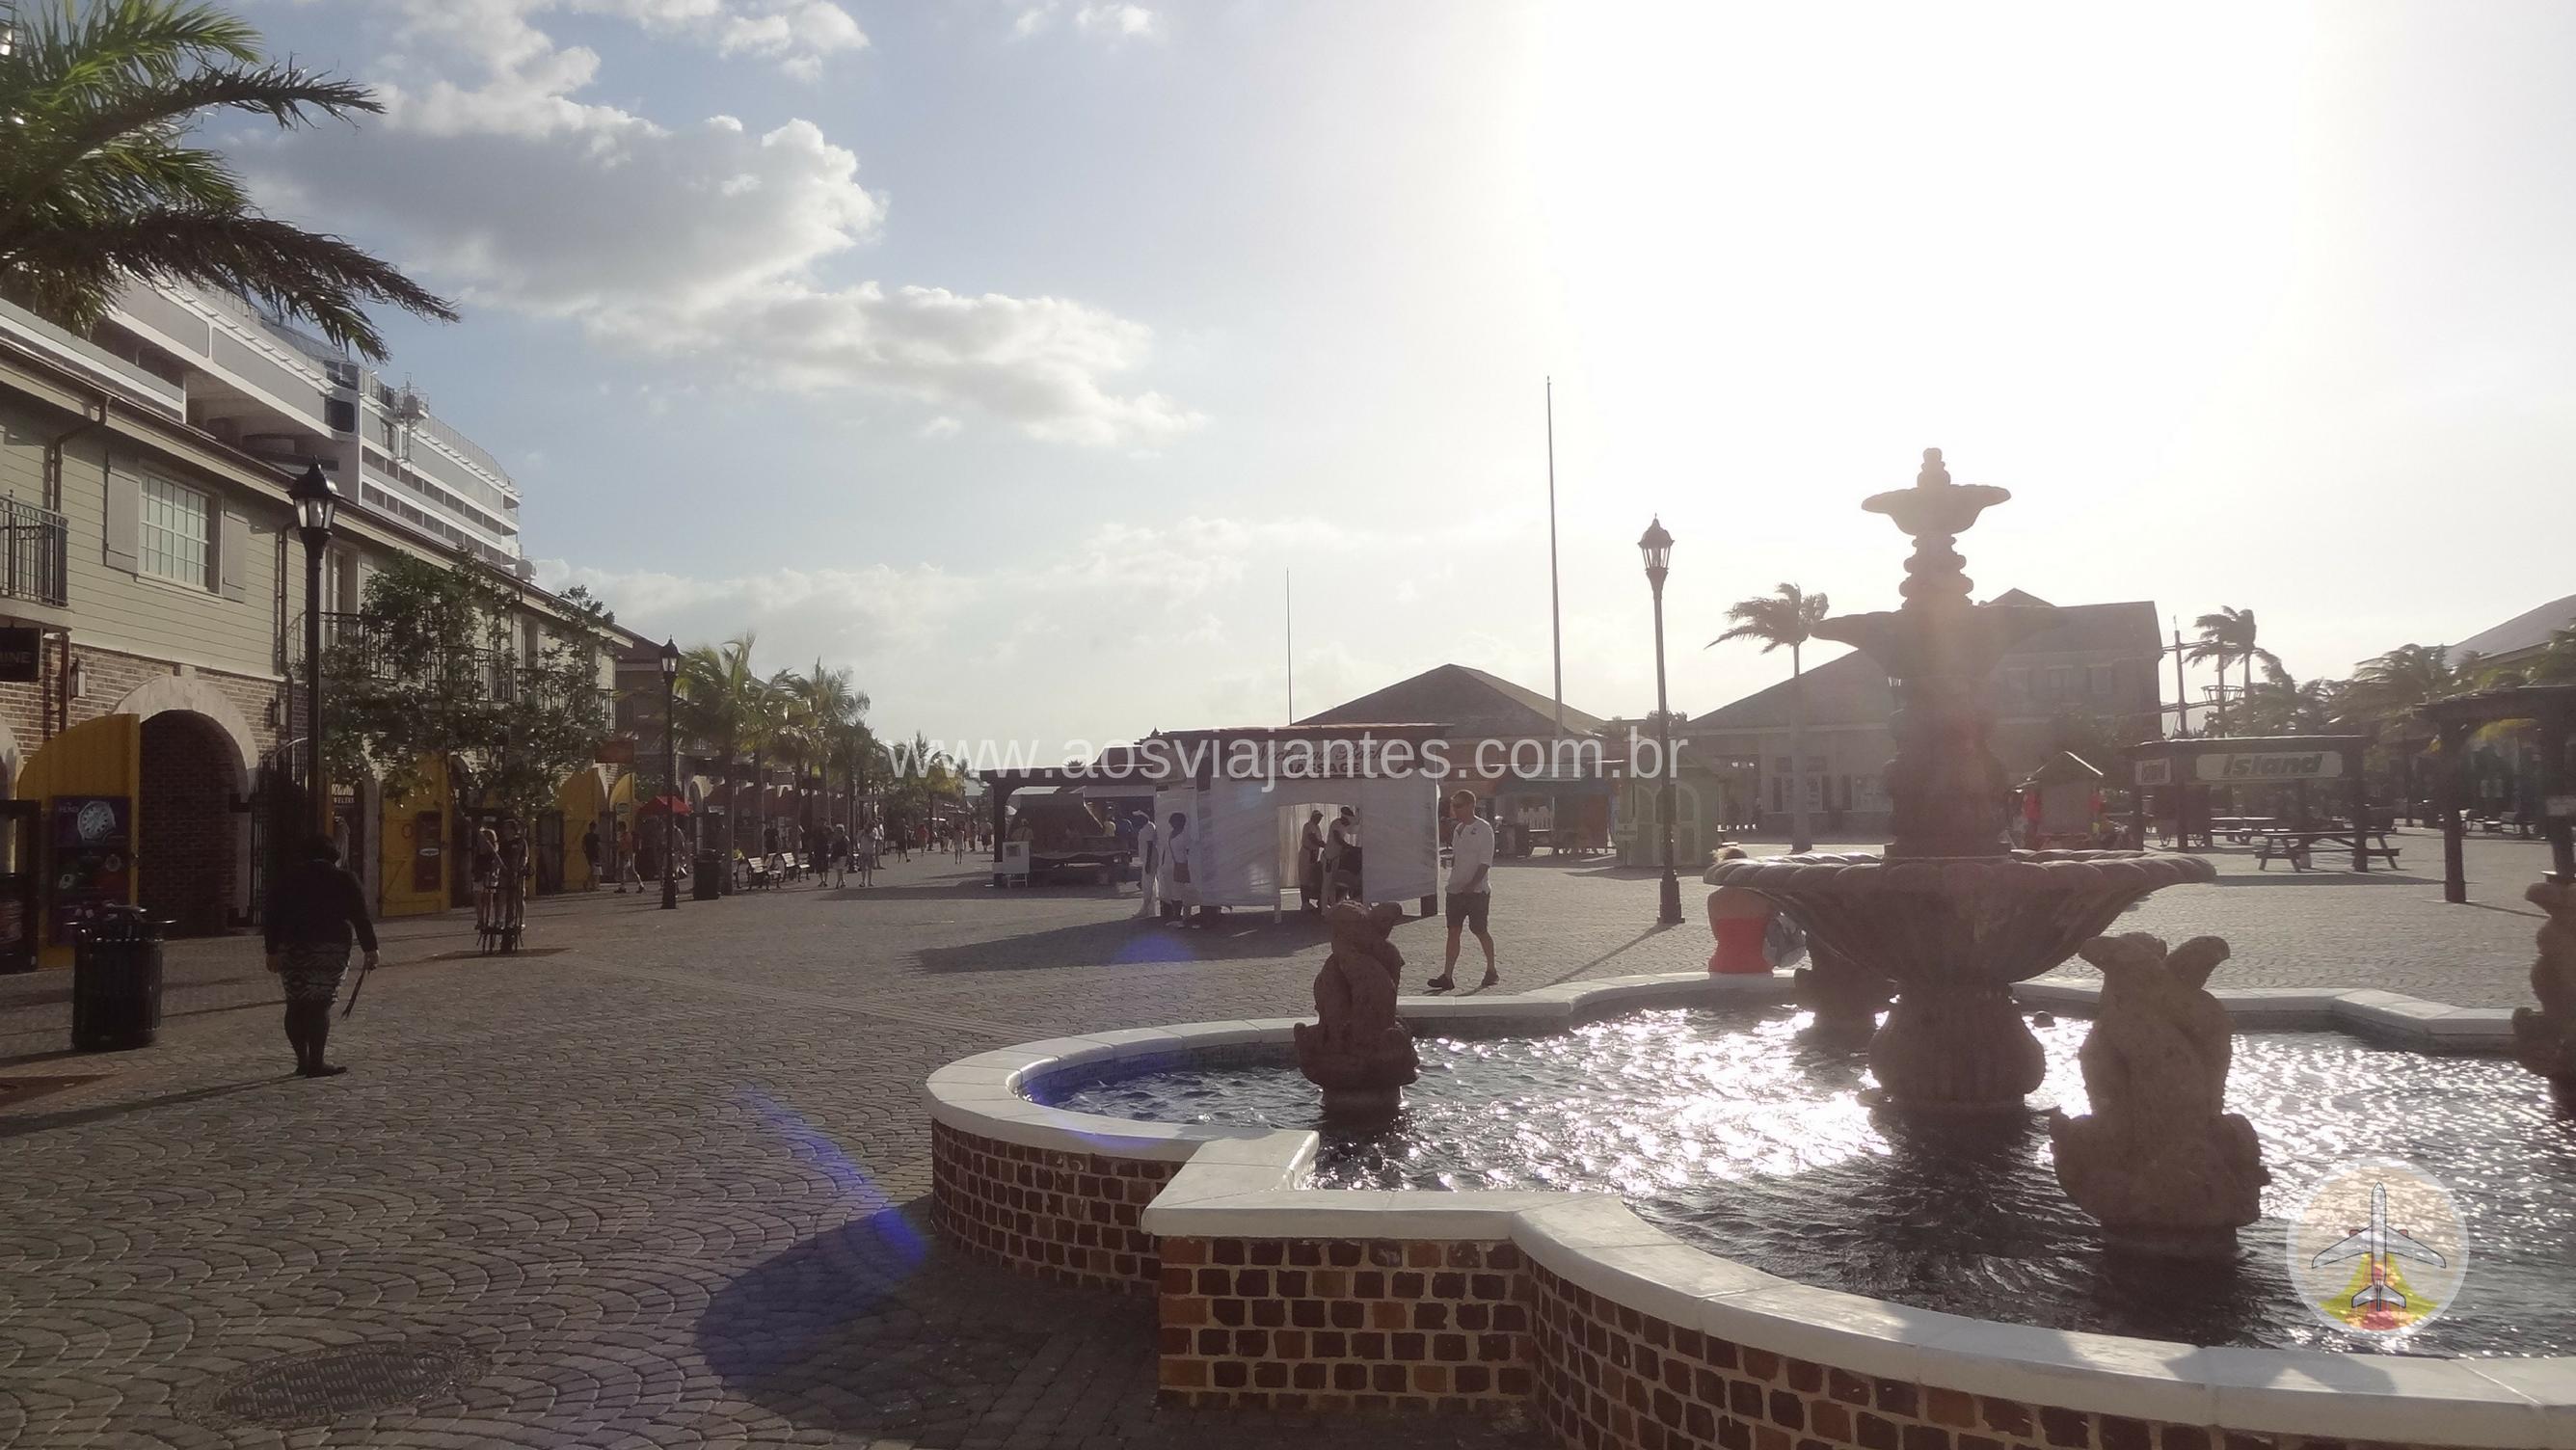 porque-fazer-um-cruzeiro-jamaica-2 Porque fazer um cruzeiro no Caribe? (10 motivos e 1 bonus!)